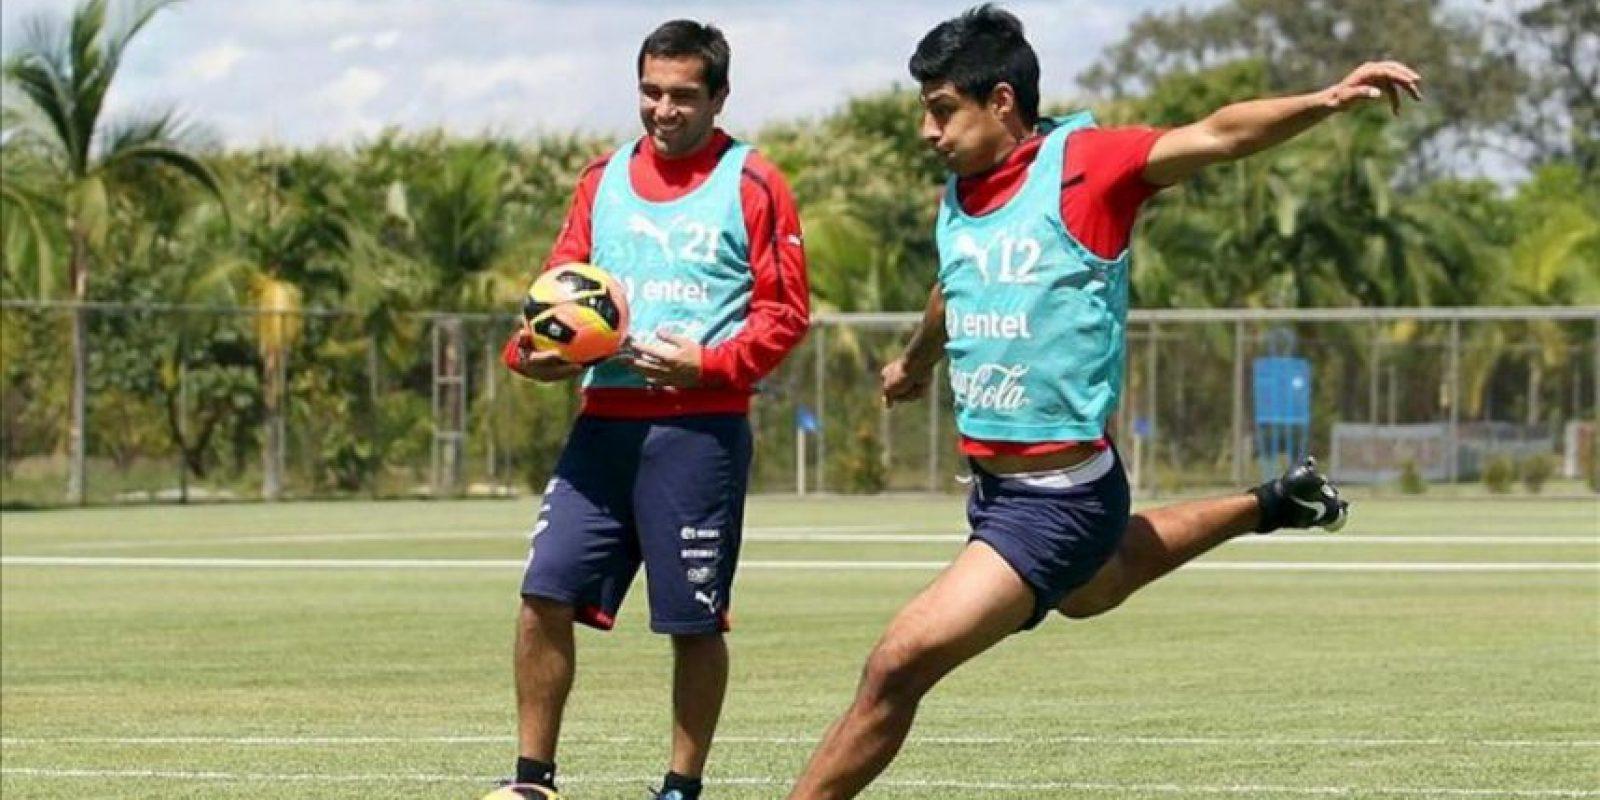 El jugador de la selección de Chile Patricio Rubio (d) durante un entrenamiento este martes 23 de abril de 2013, en el complejo deportivo Toca da Raposa II, en Belo Horizonte (Brasil). EFE